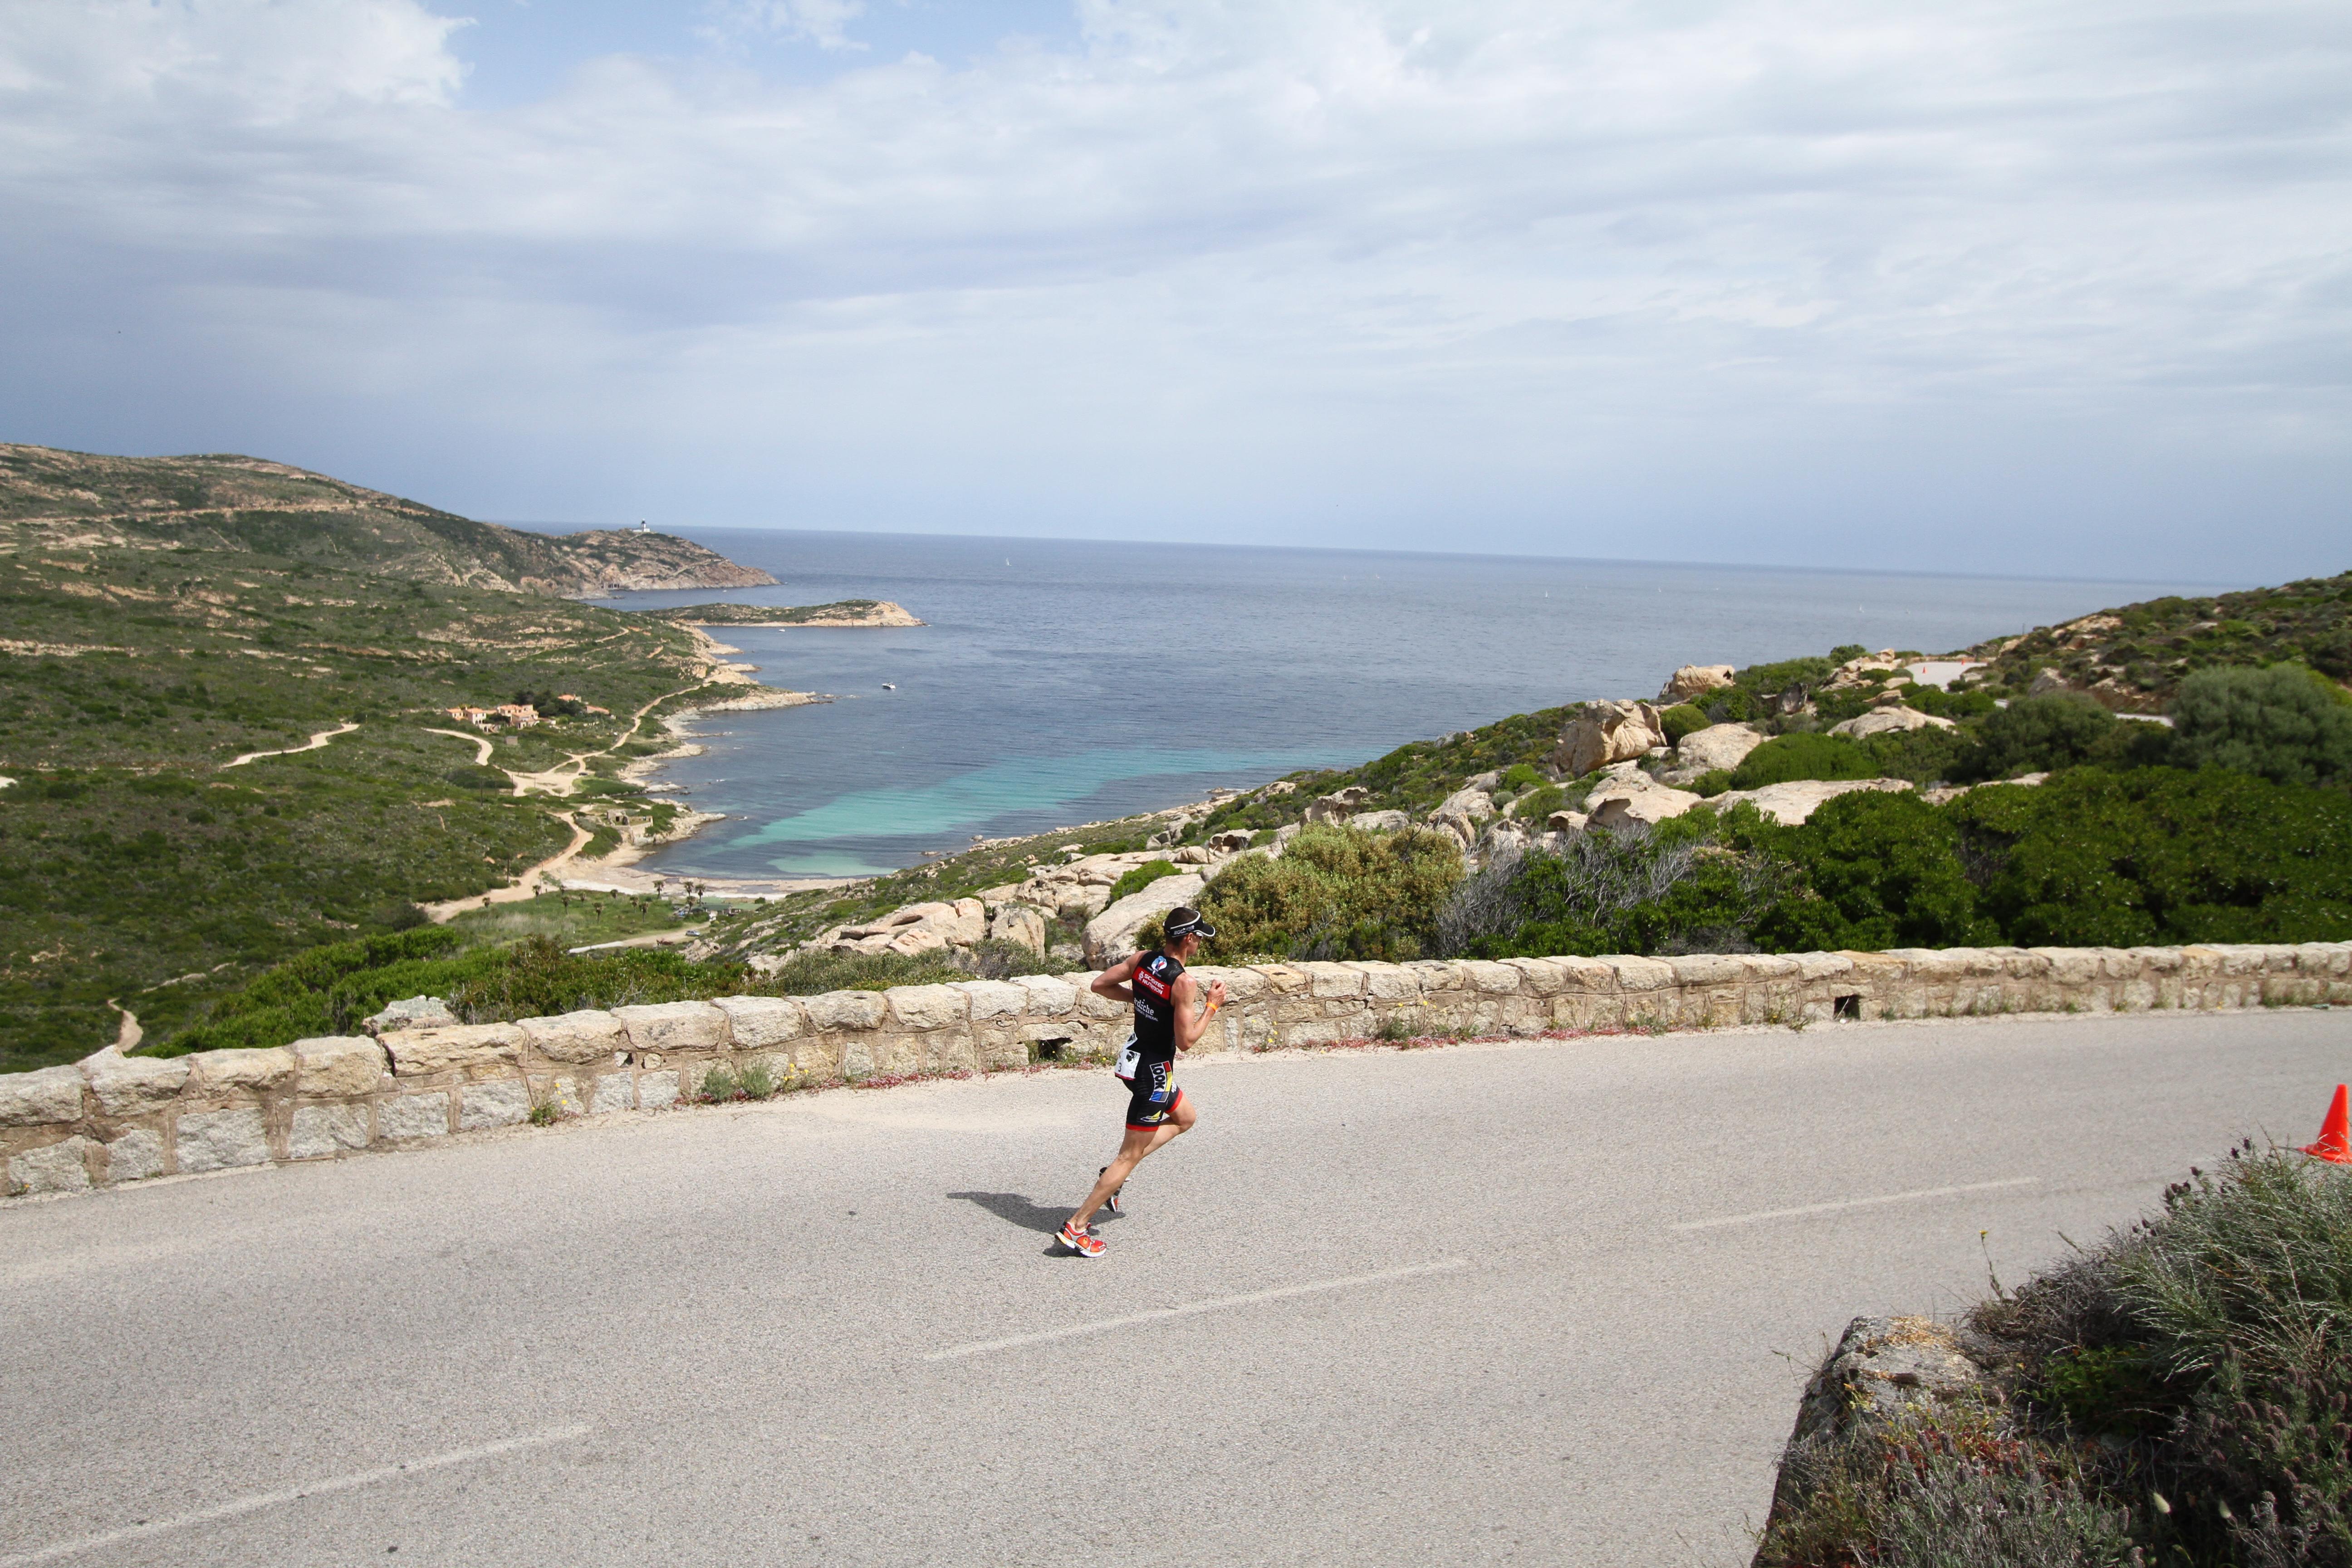 Découvrez la Corse avec le Corsicatri Giru, le 31 mai